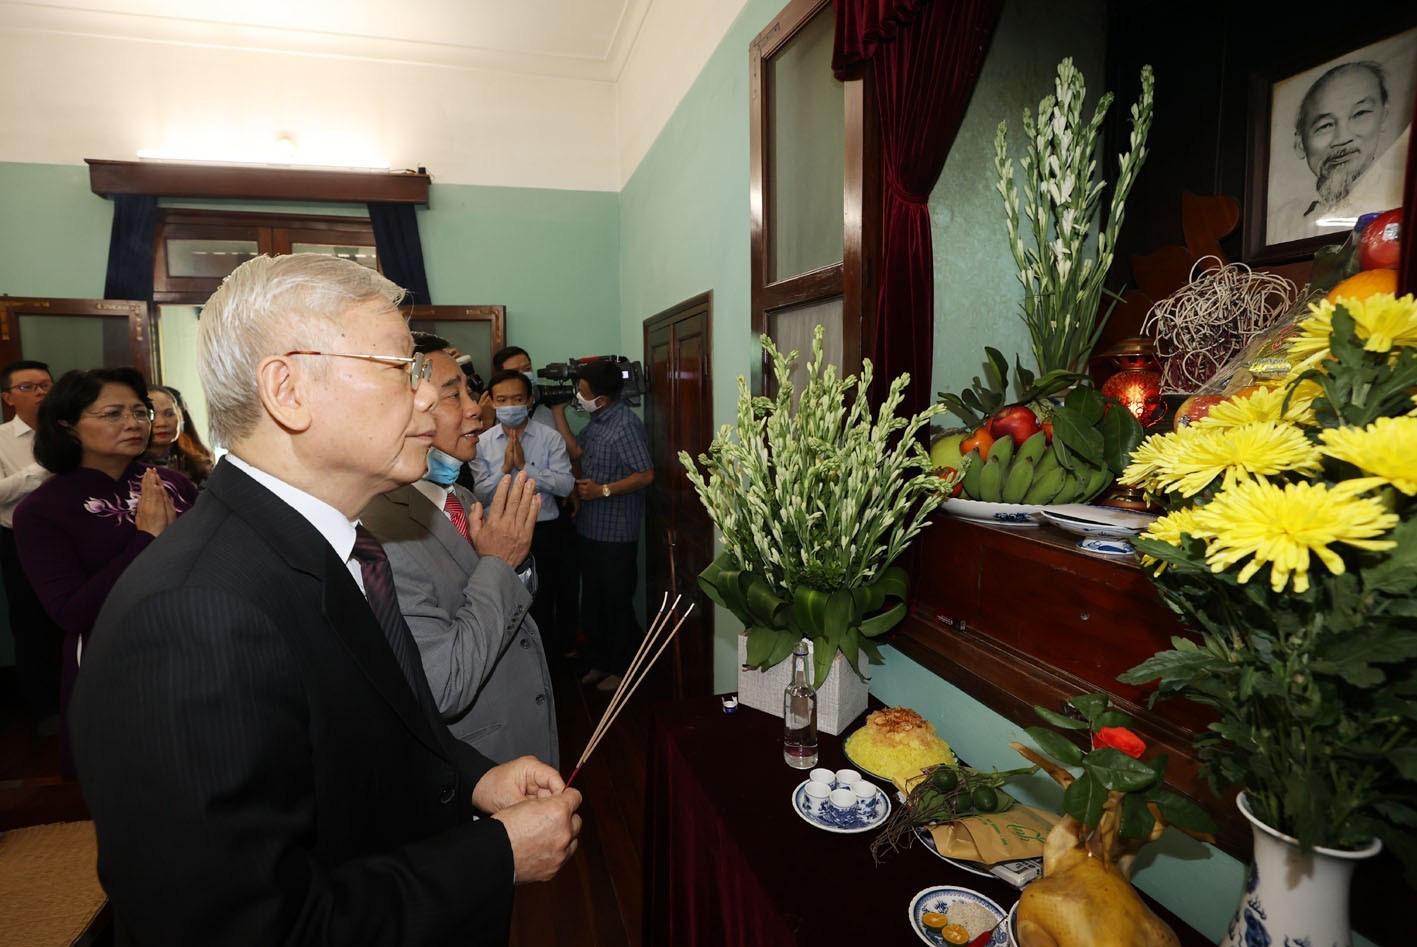 Tổng bí thư, Chủ tịch nước Nguyễn Phú Trọng dâng hương tưởng niệm Chủ tịch Hồ Chí Minh - Ảnh: TTXVN